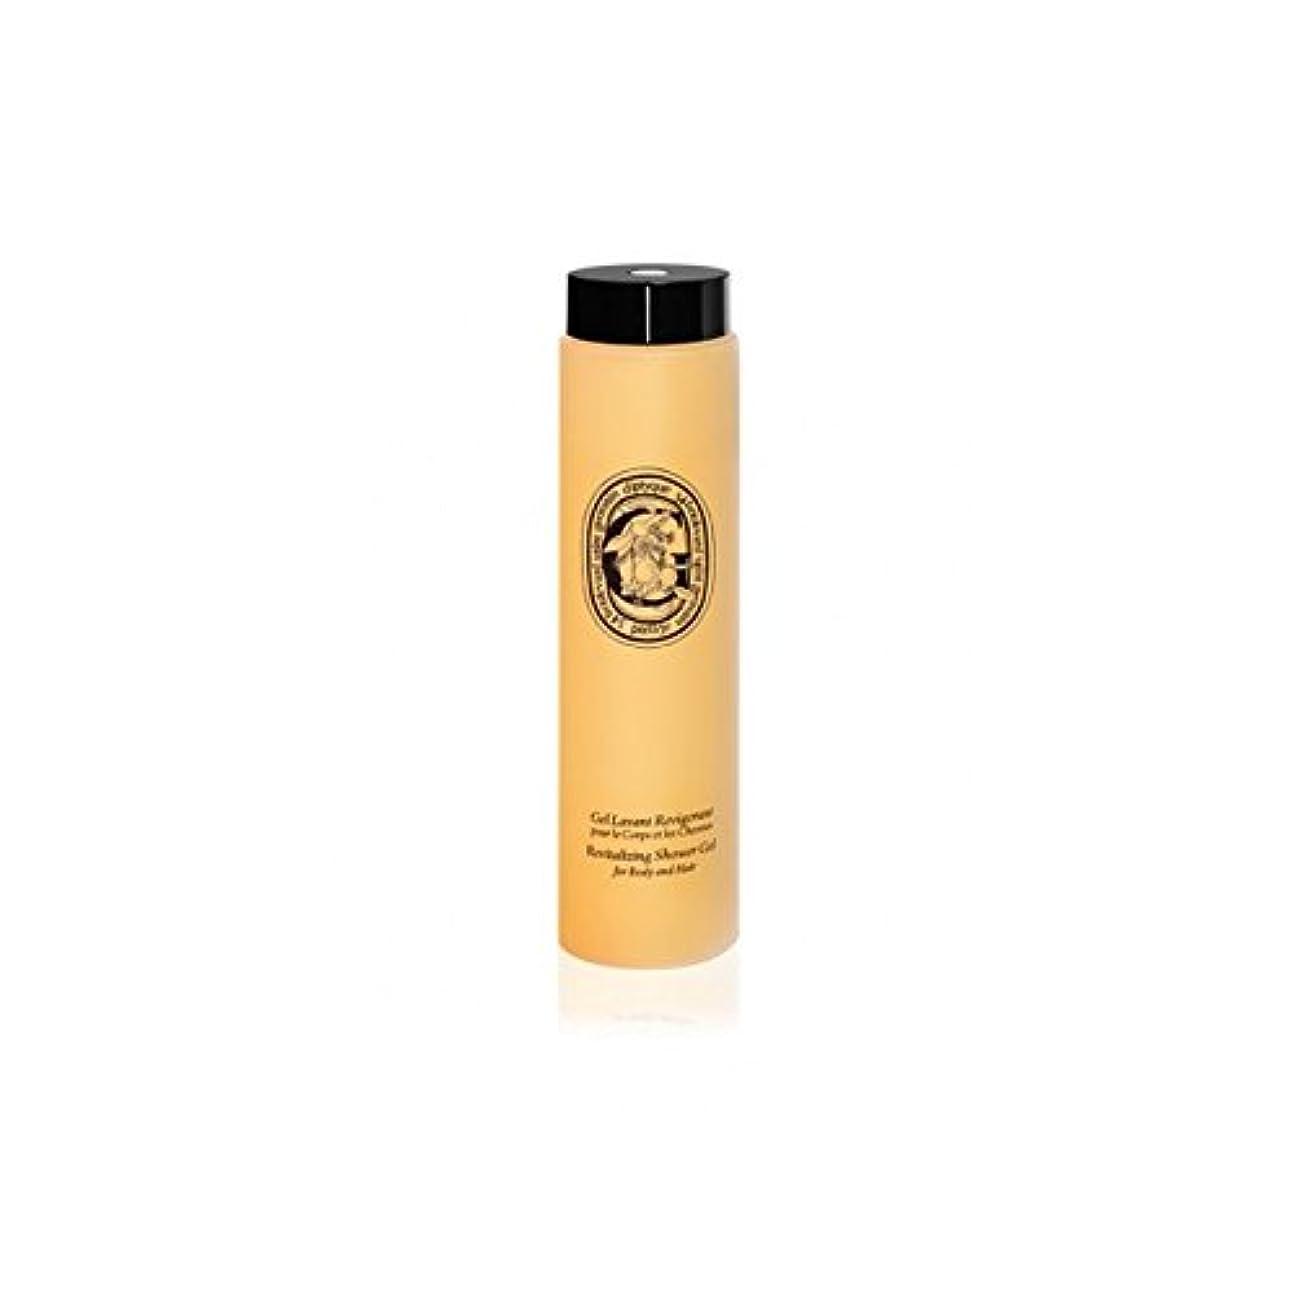 エピソード知性そこDiptyque Revitalizing Shower Gel For Body And Hair 200ml (Pack of 2) - ボディ、ヘア200ミリリットルのためDiptyqueのリバイタライジングシャワージェル (x2) [並行輸入品]